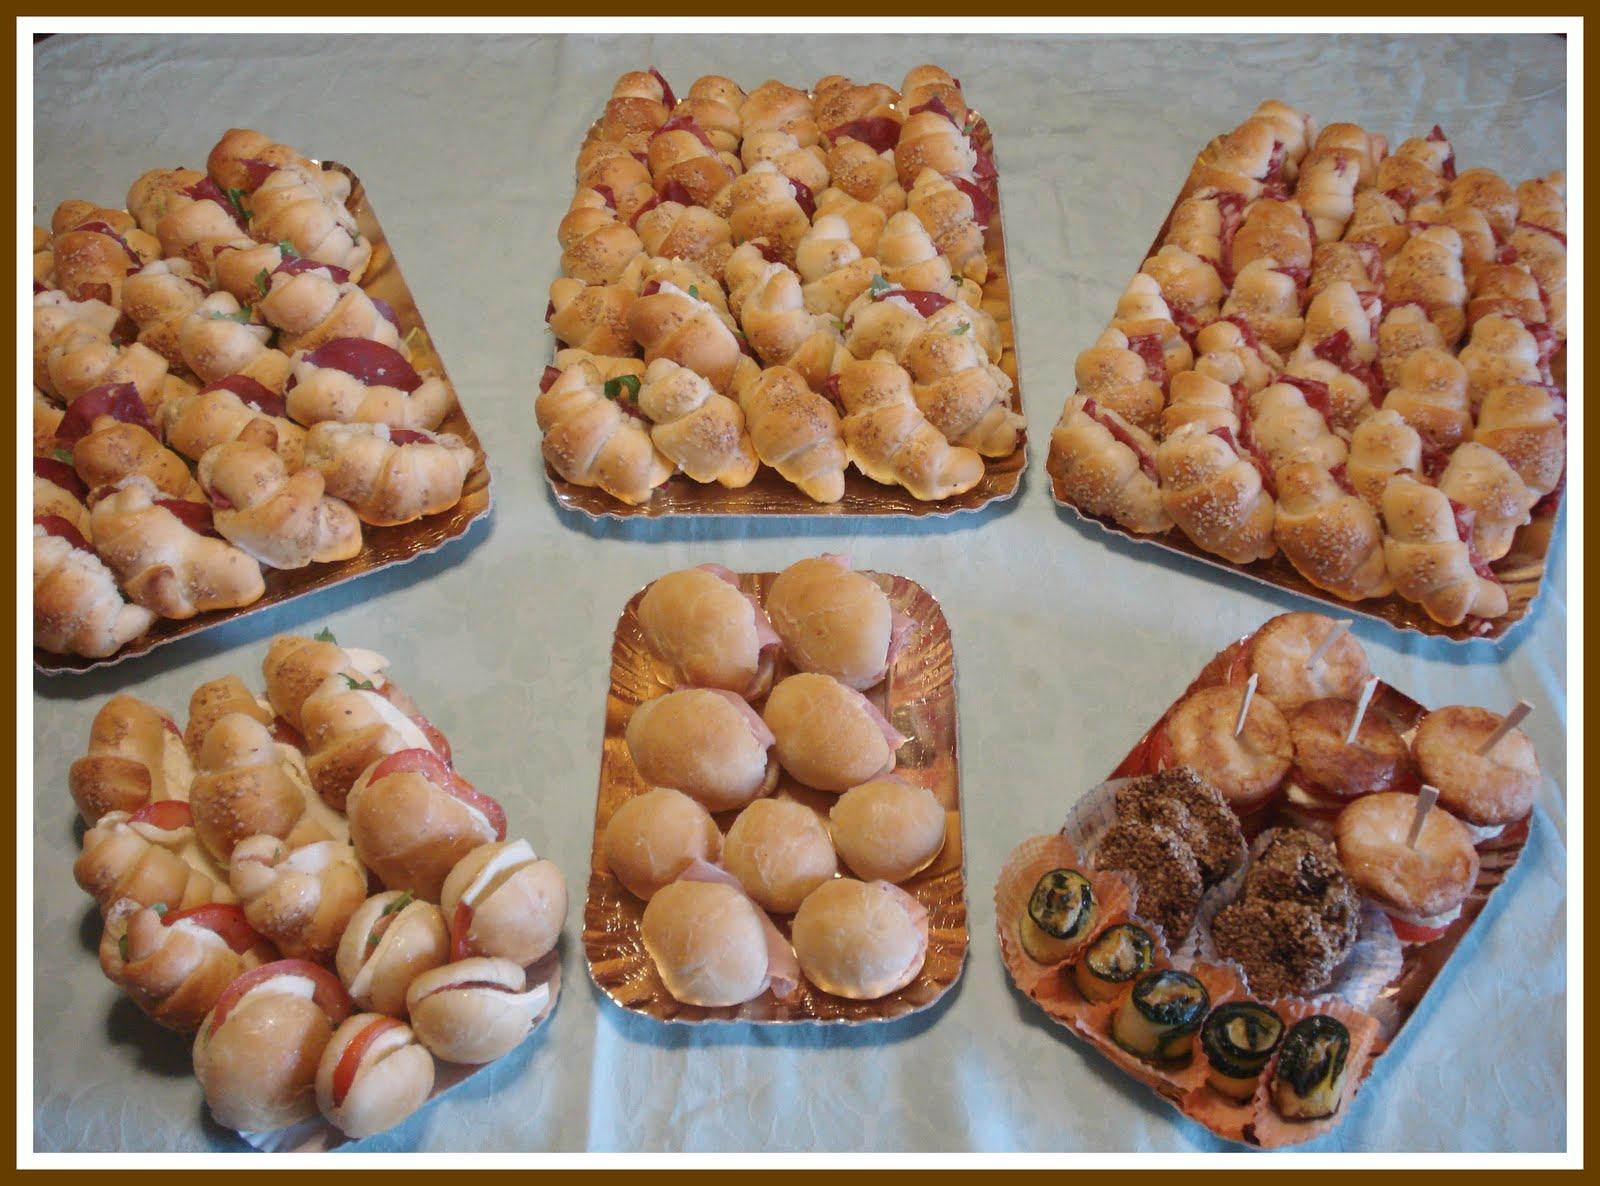 Decorazioni Buffet Compleanno Bambini : Buccia s cakes il buffet per il compleanno di mattia